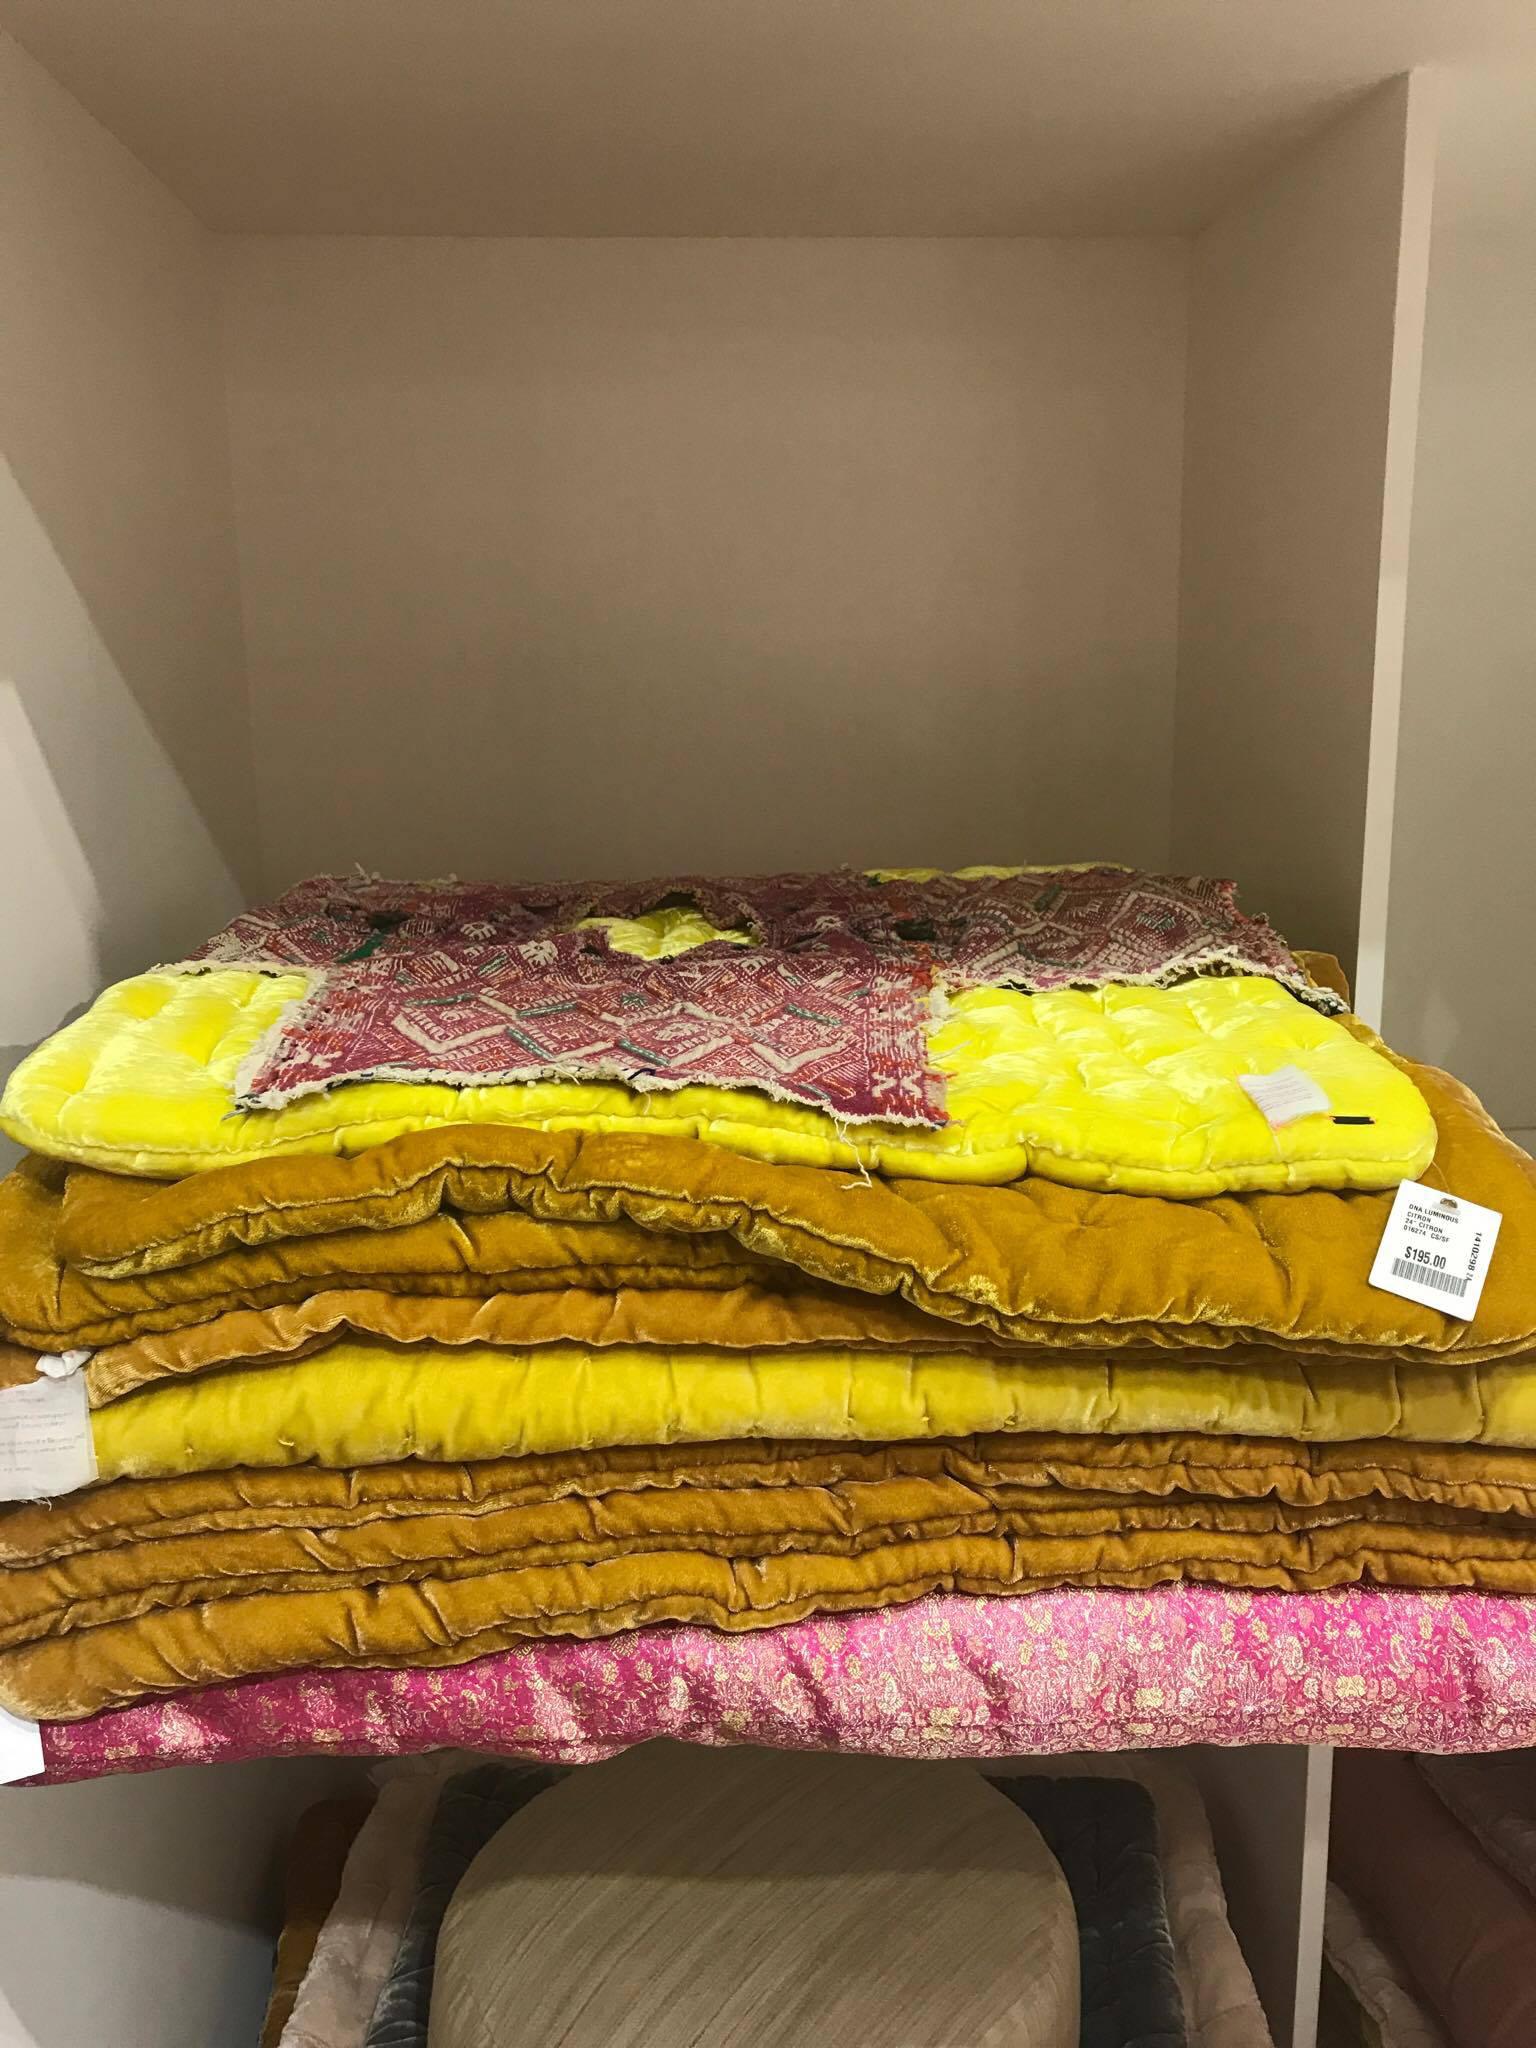 ABC Carpet & Home's Manhattan Flagship Store